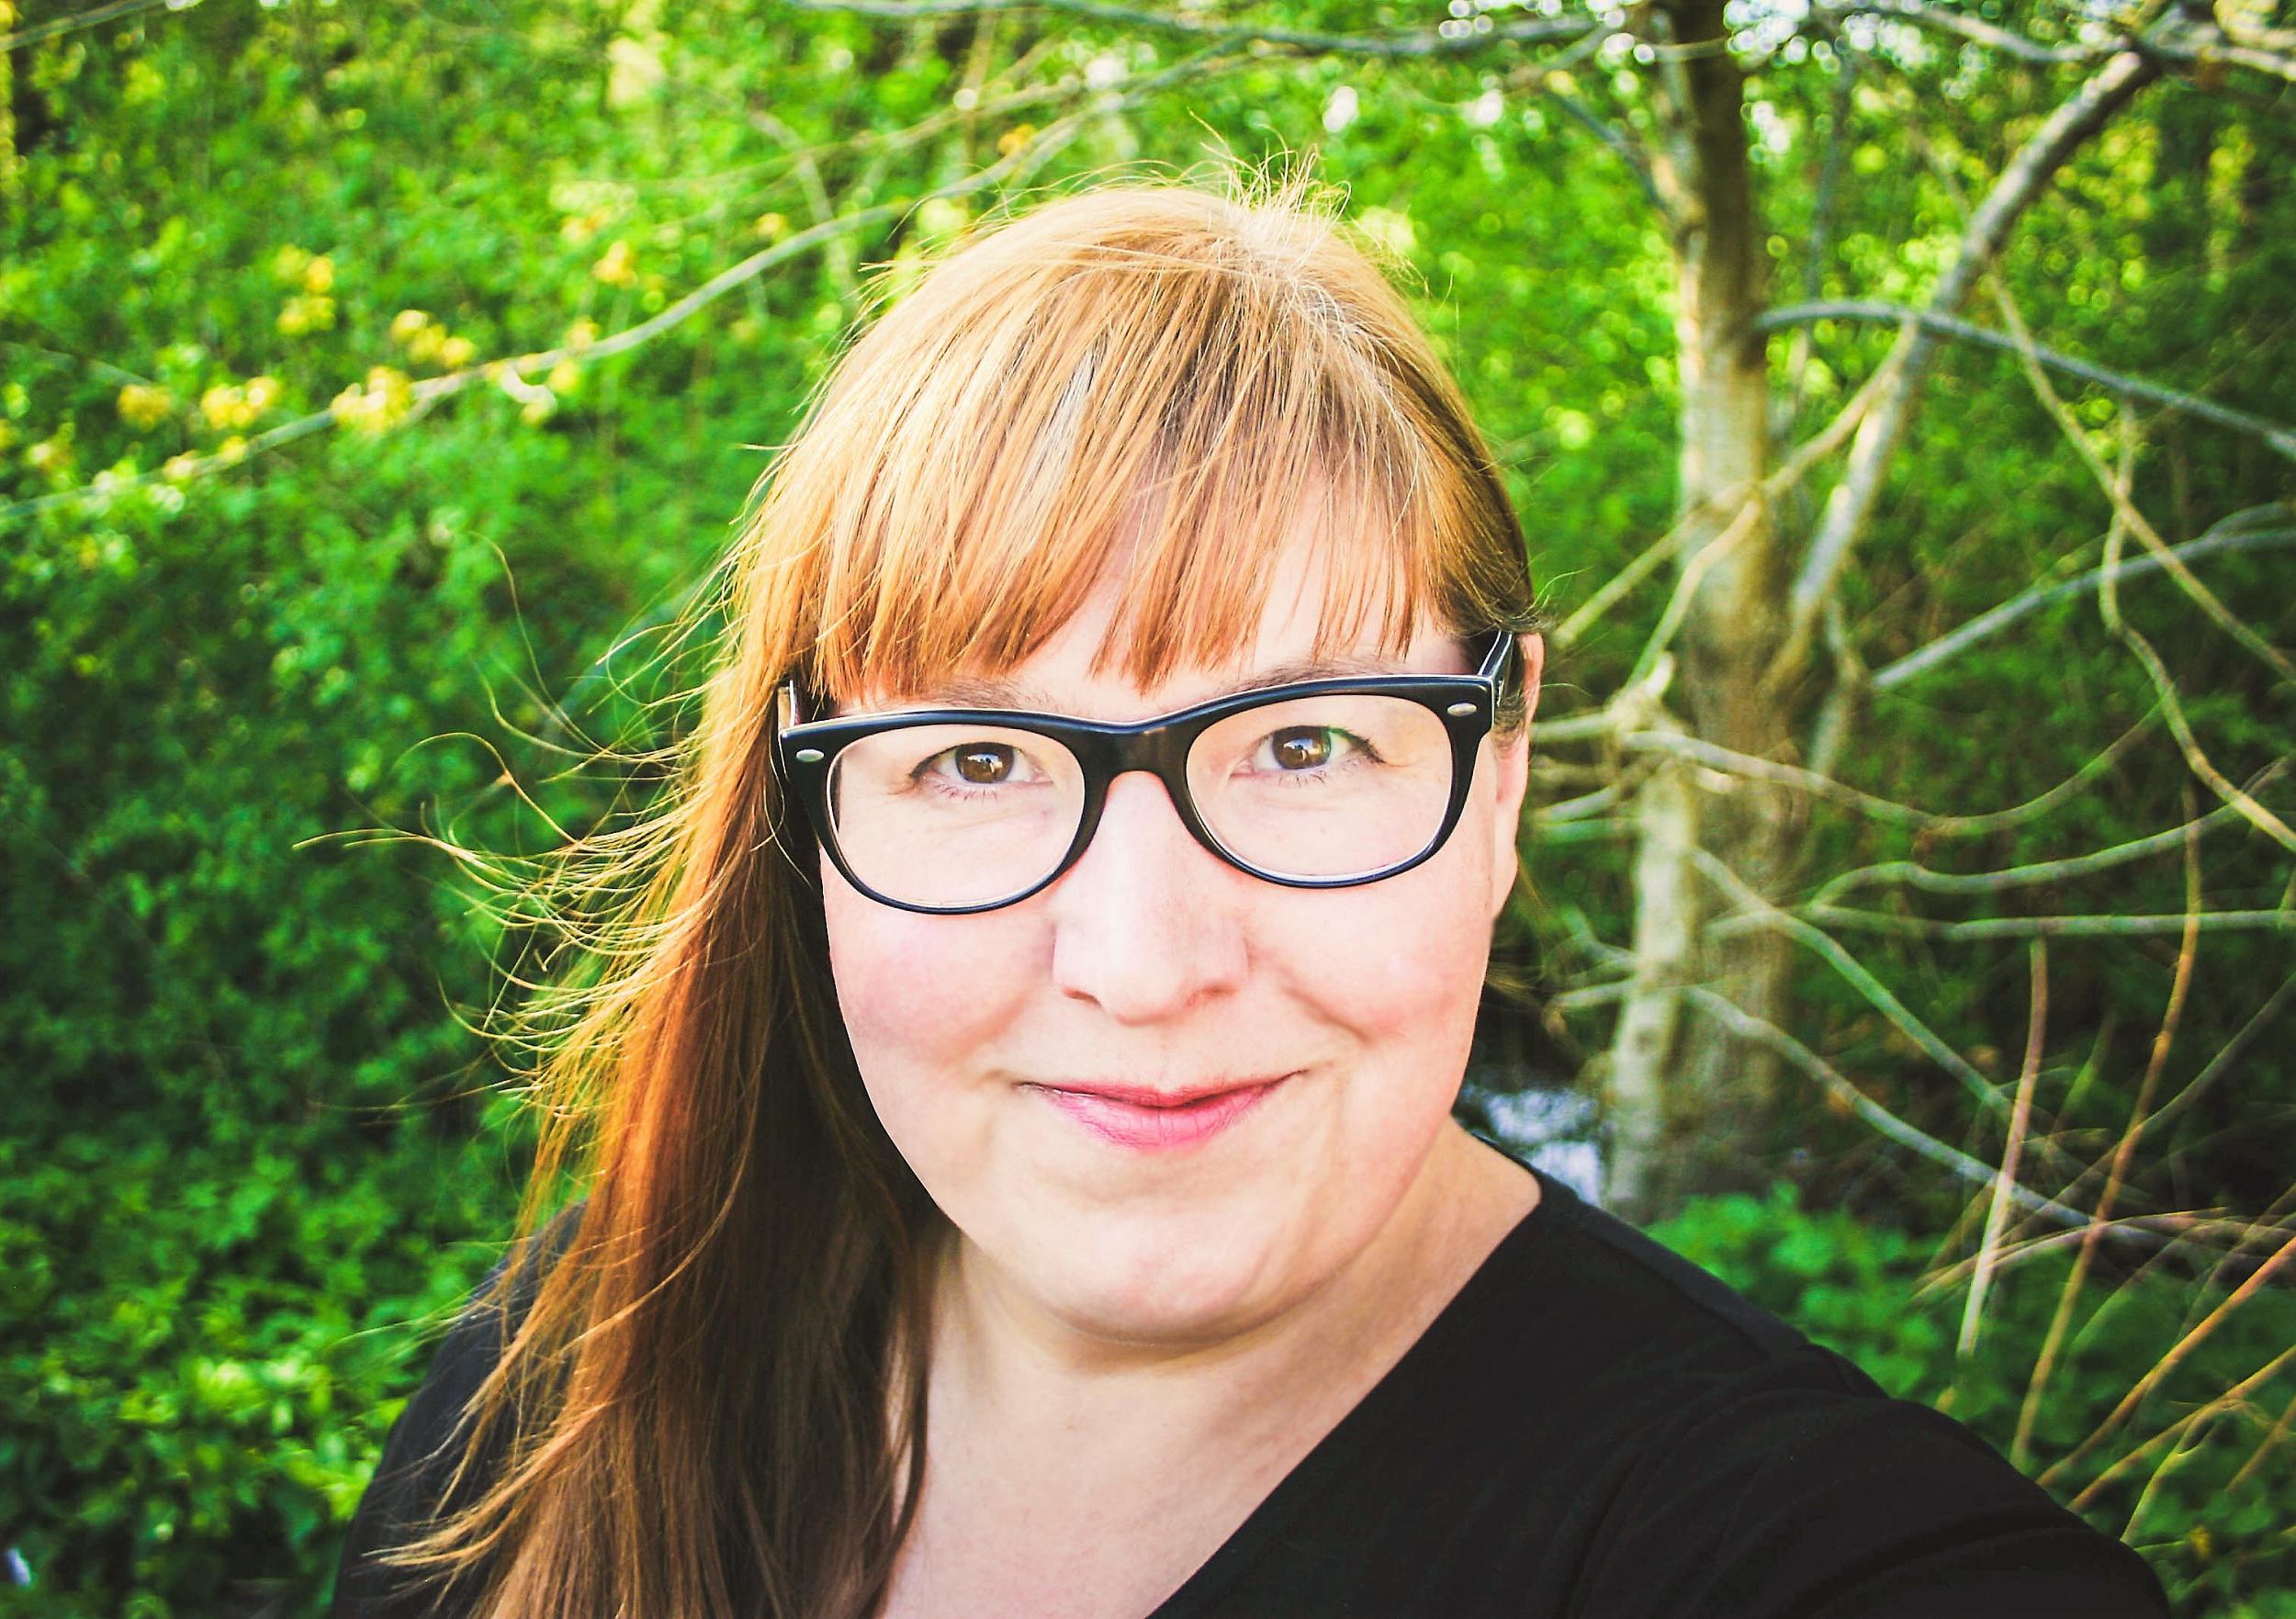 """Die erfolgreiche <a href=""""https://99designs.de/profiles/crossthelime"""" target=""""_blank"""">Grafikdesignerin Gila von Meißner</a>, © Gila von Meißner"""